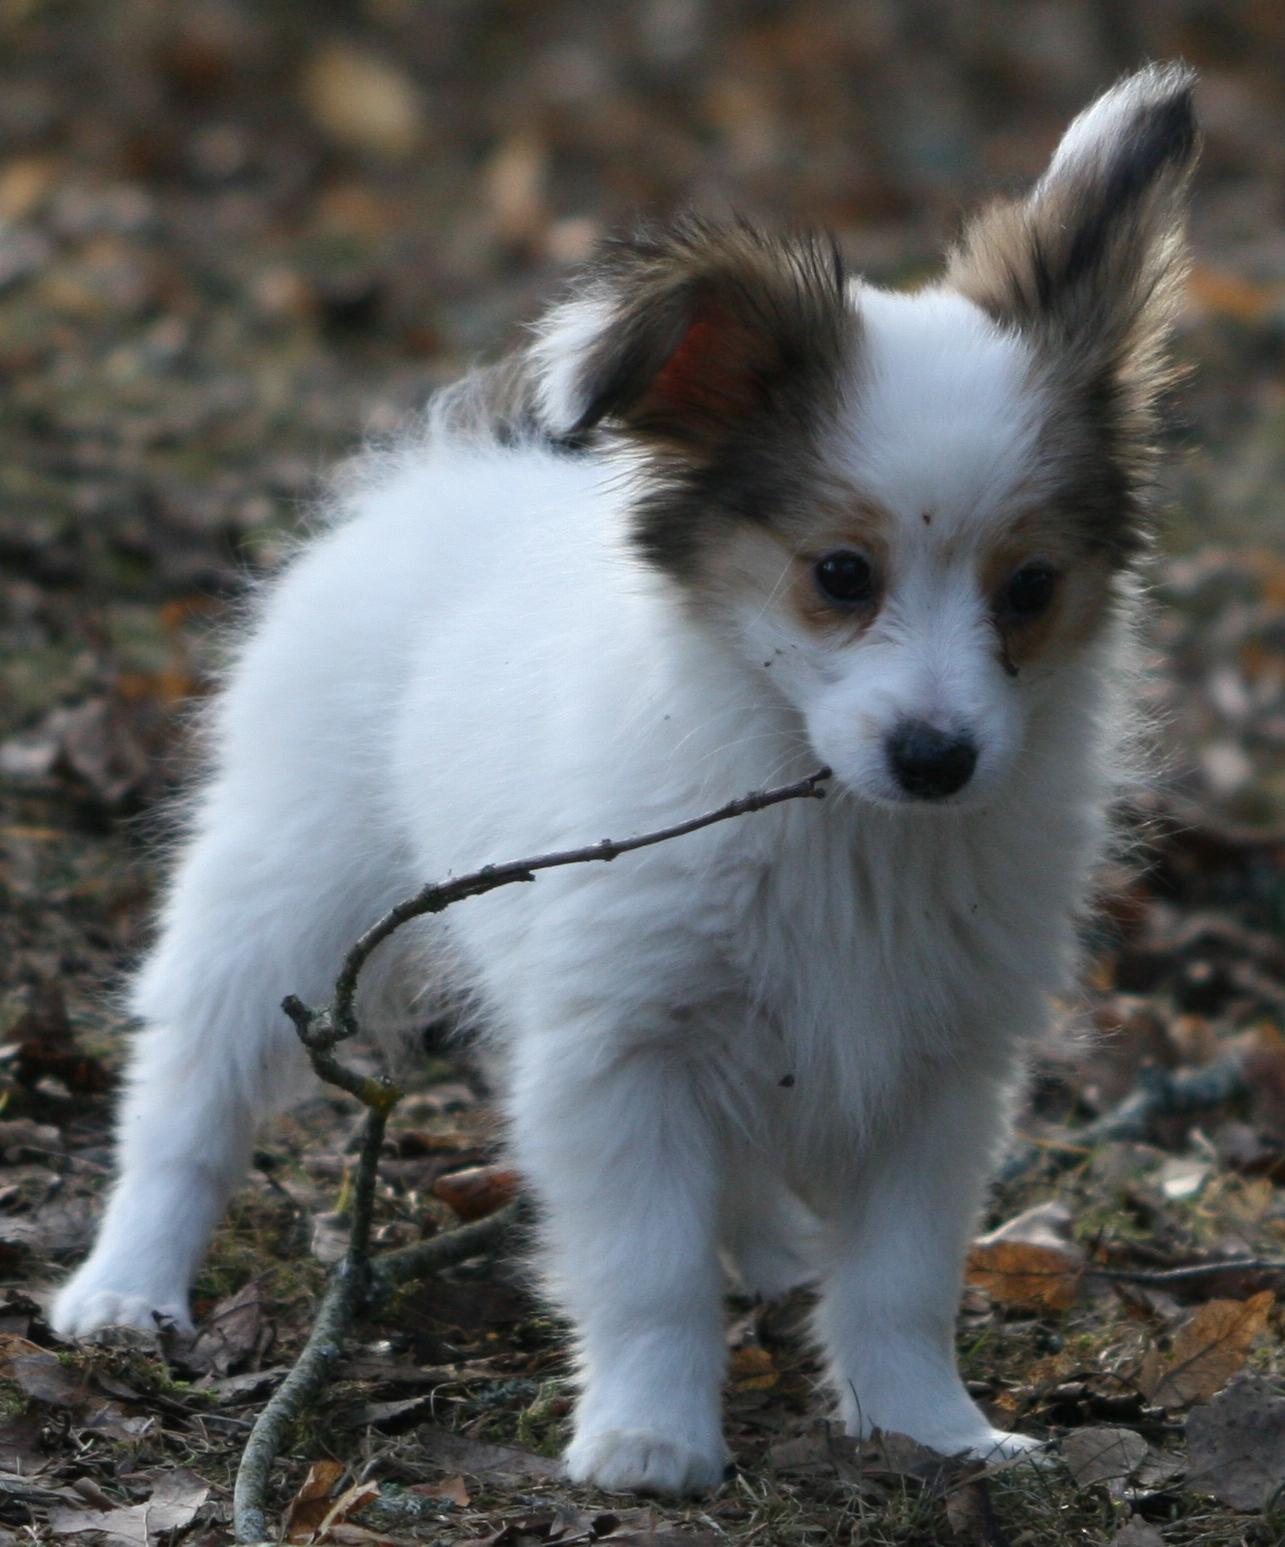 http://3.bp.blogspot.com/_ckAenfEla6I/S-CSQ6p9MmI/AAAAAAAAAqk/t9mHXNZncEs/s1600/puppy.JPG